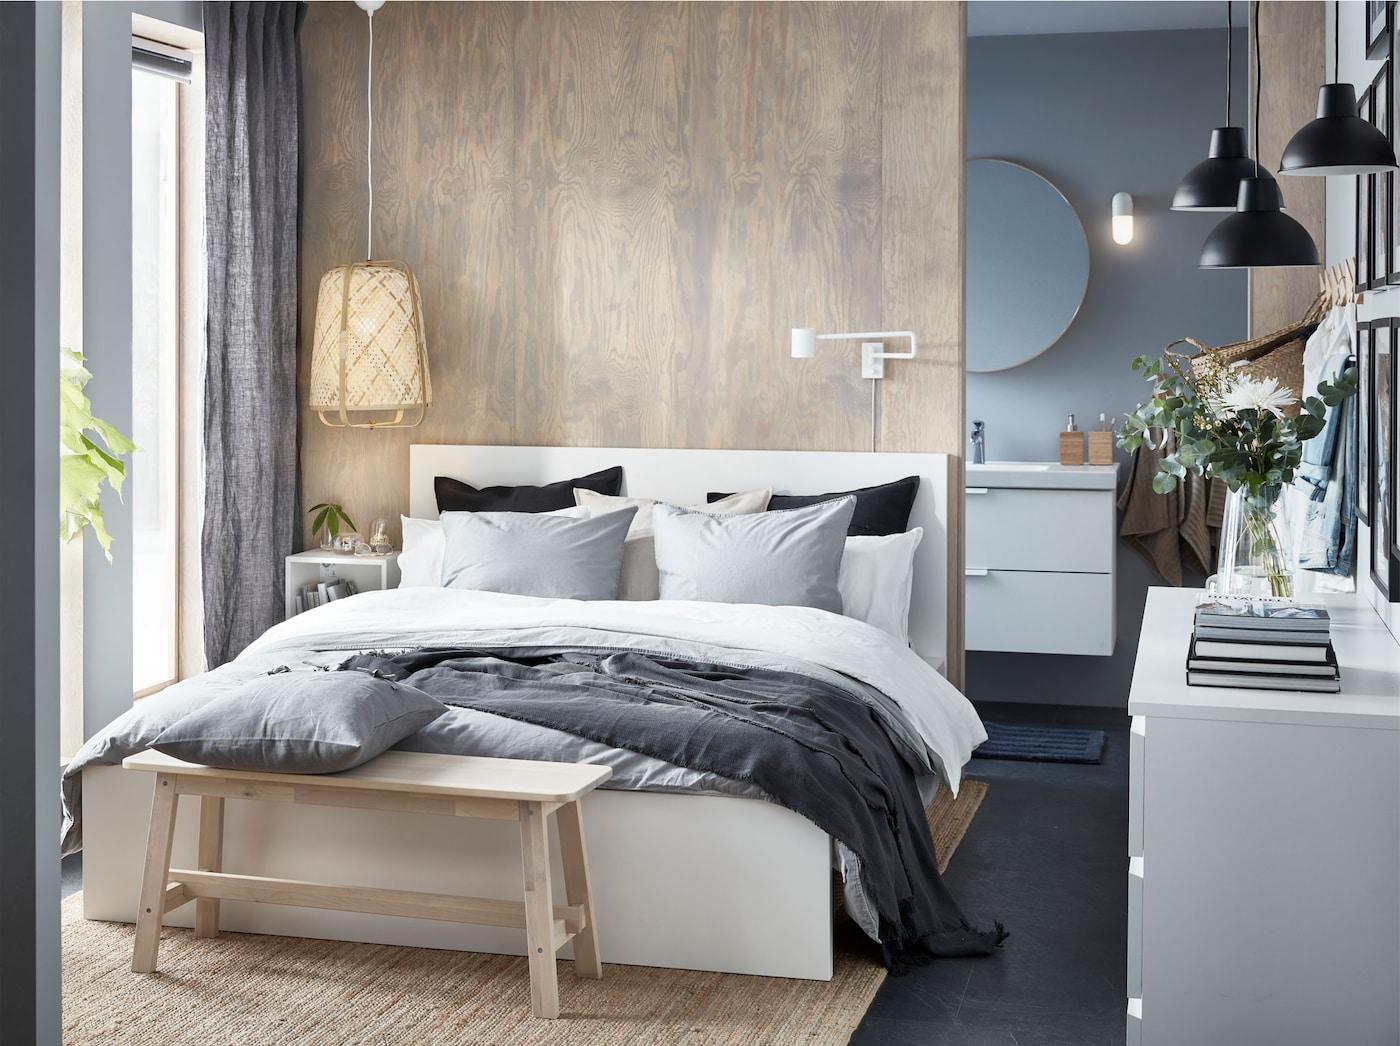 Cadrul pentru pat MALM, alb, înalt, de la IKEA, are un design simplu și frumos de oriunde l-ai privi - așază patul în mijlocul camerei sau cu tăblia lângă perete.